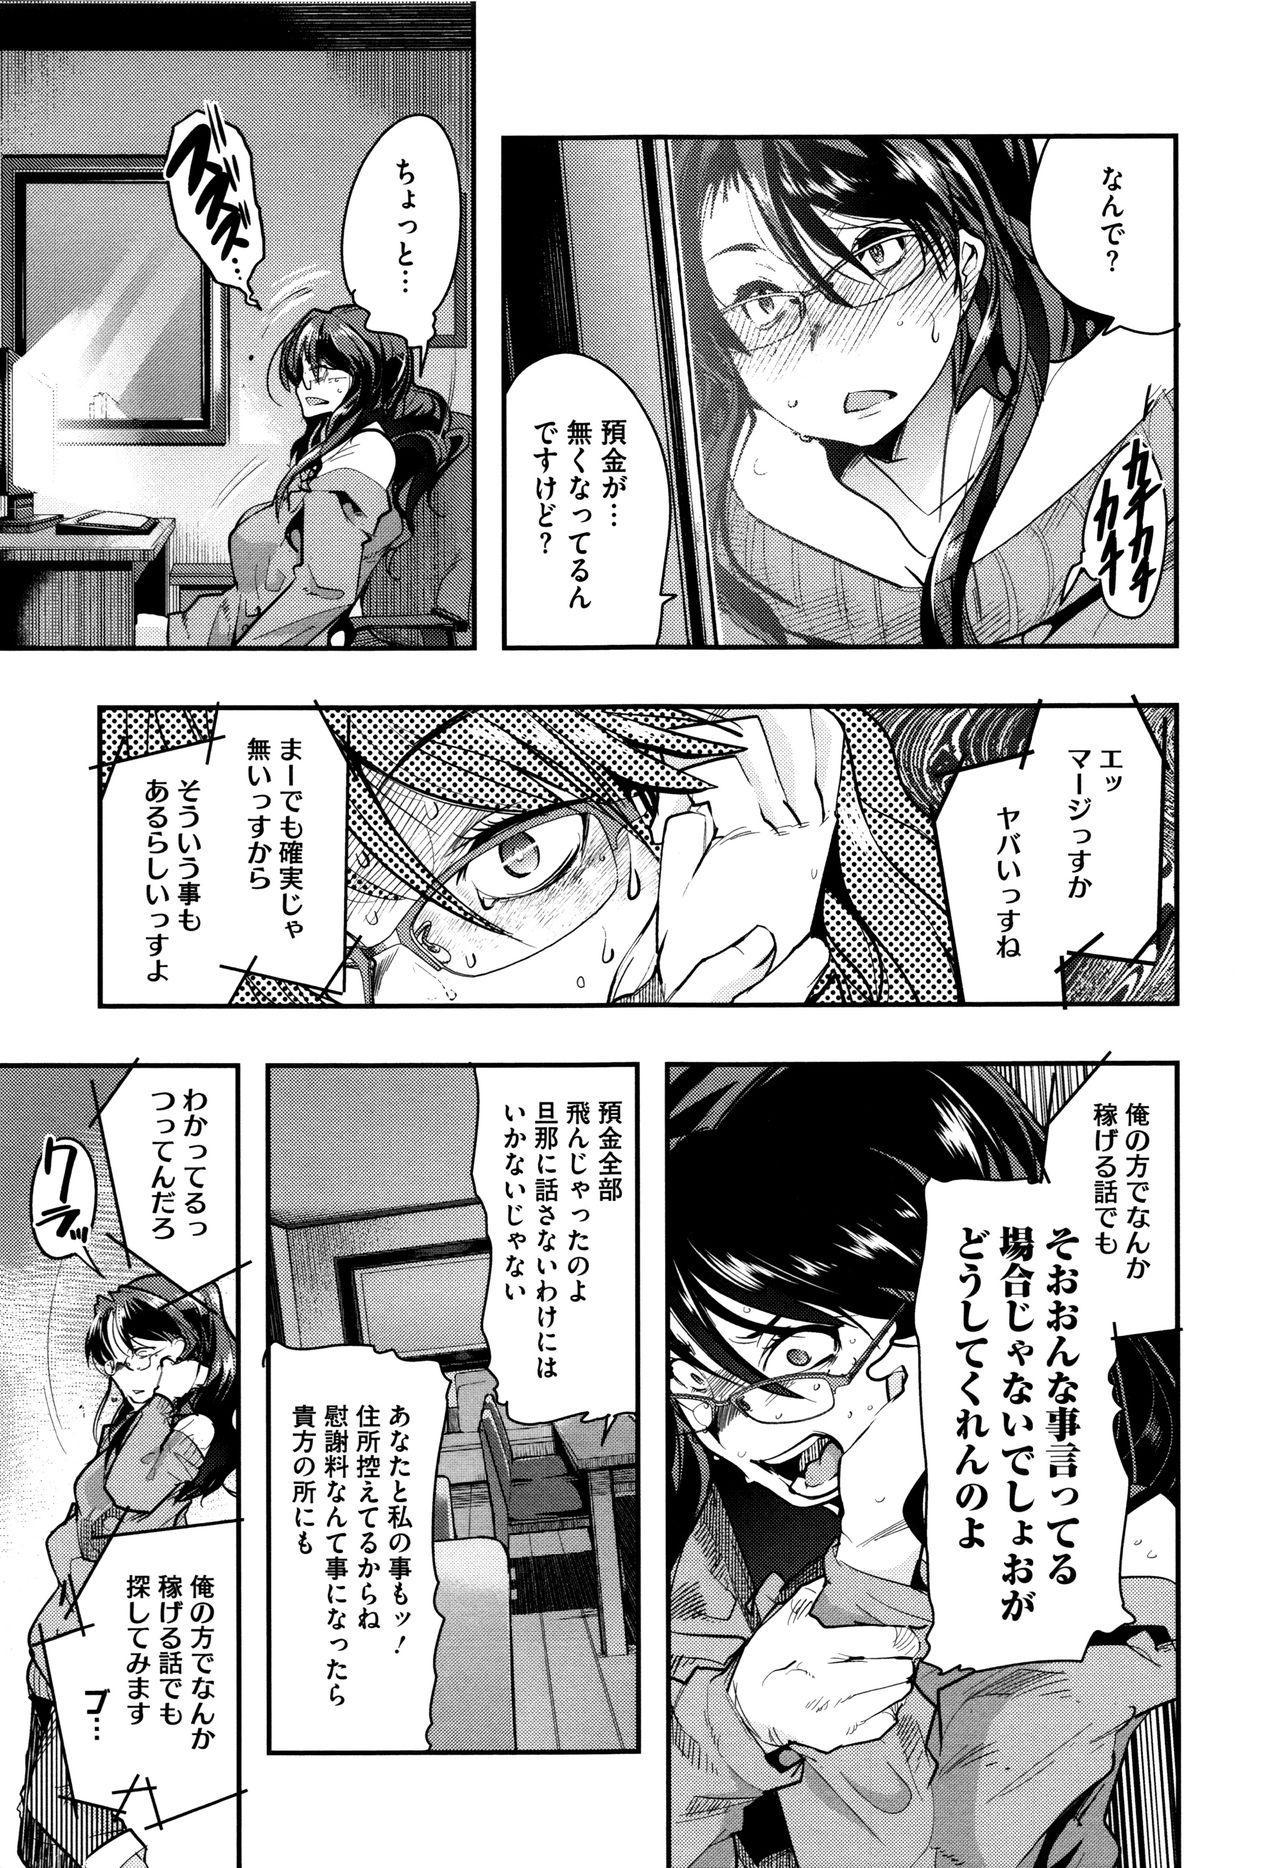 Setsuzoku Sareta Onna 9